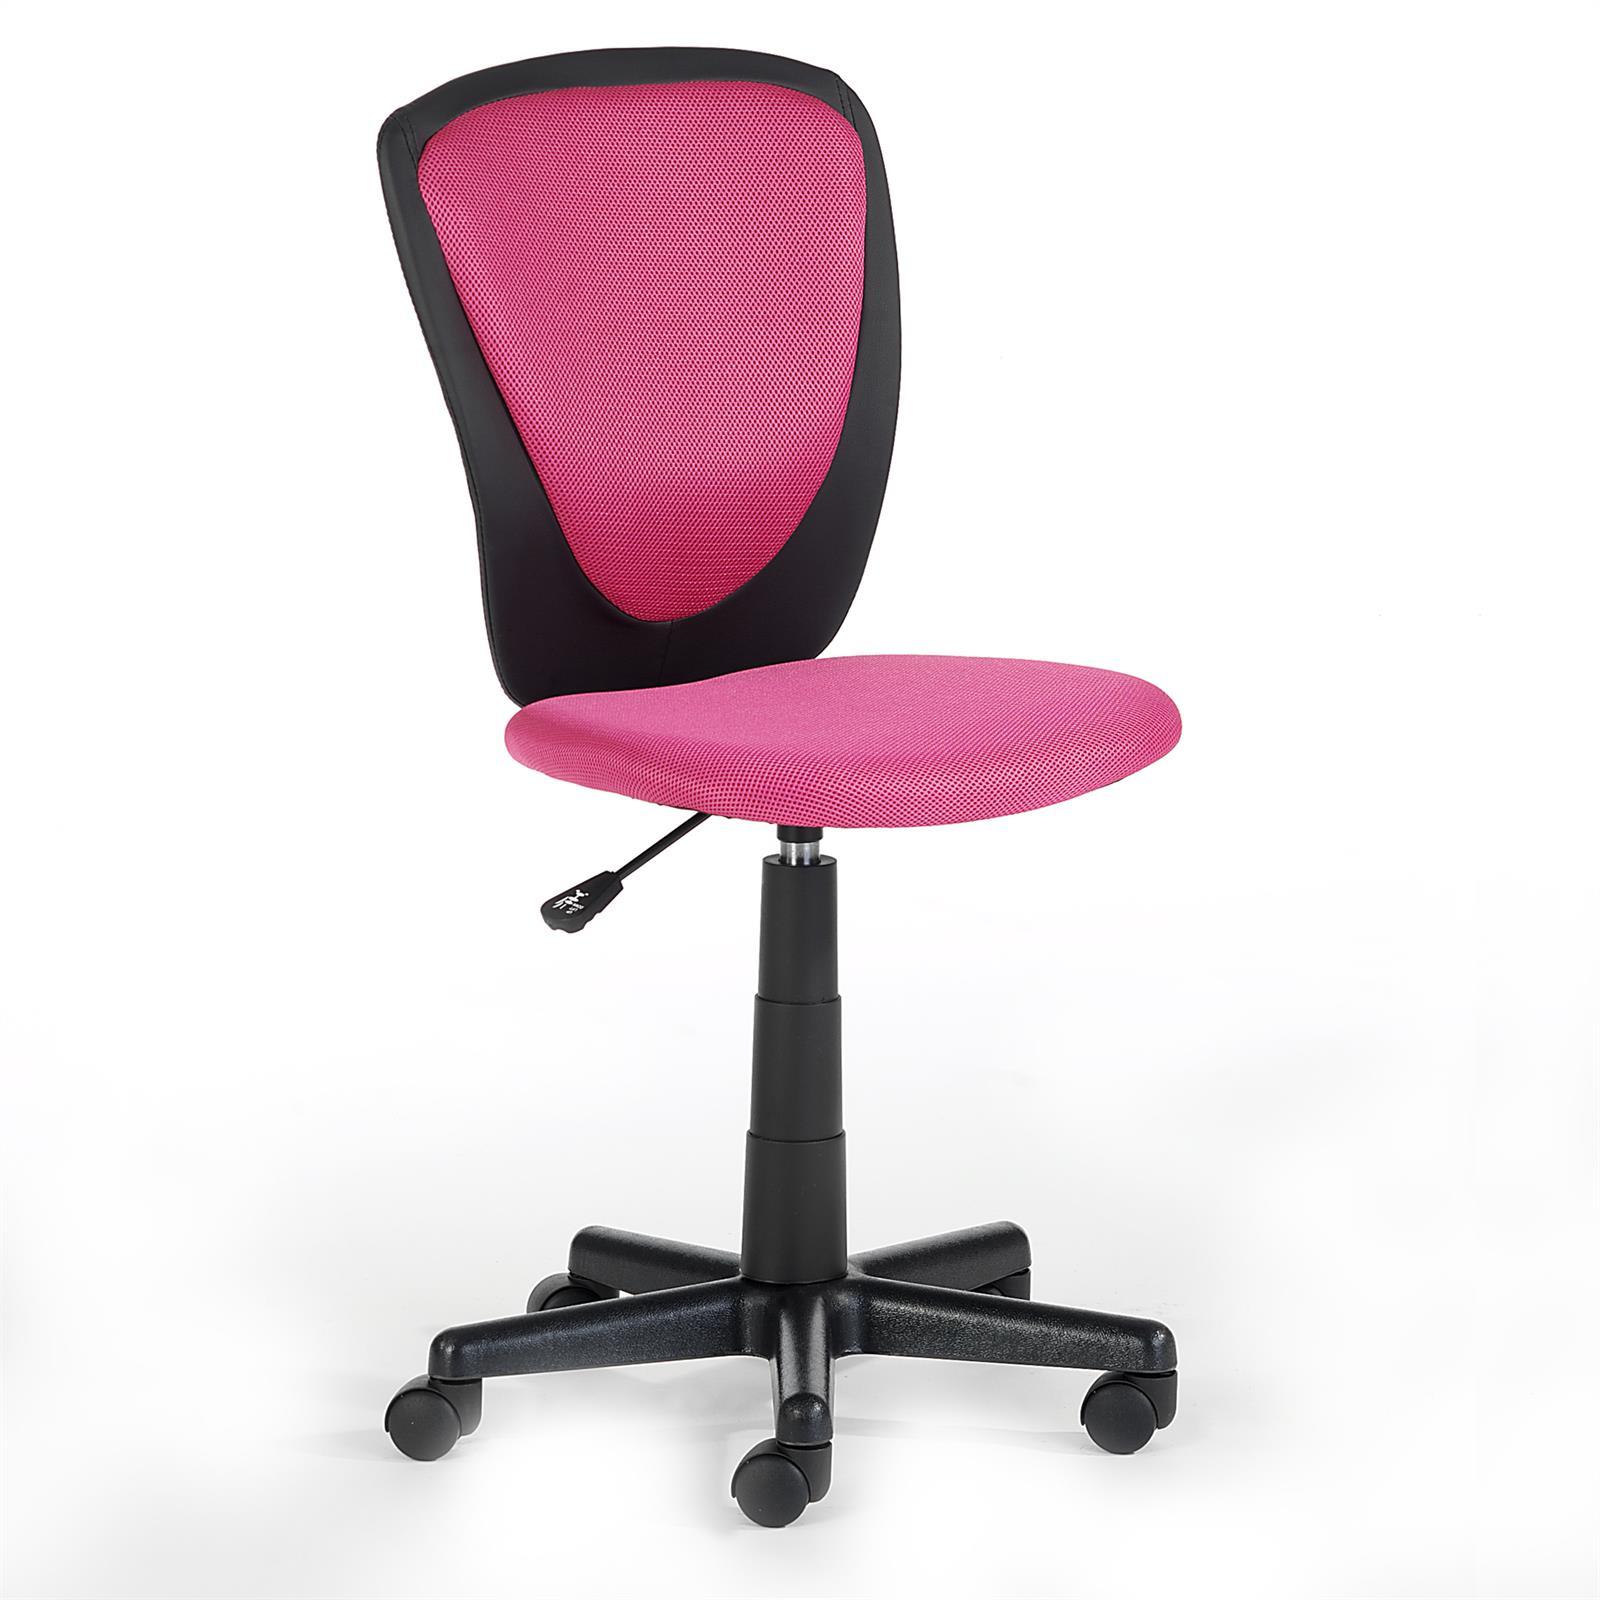 fauteuil de bureau pour enfant heino rose mobil meubles. Black Bedroom Furniture Sets. Home Design Ideas